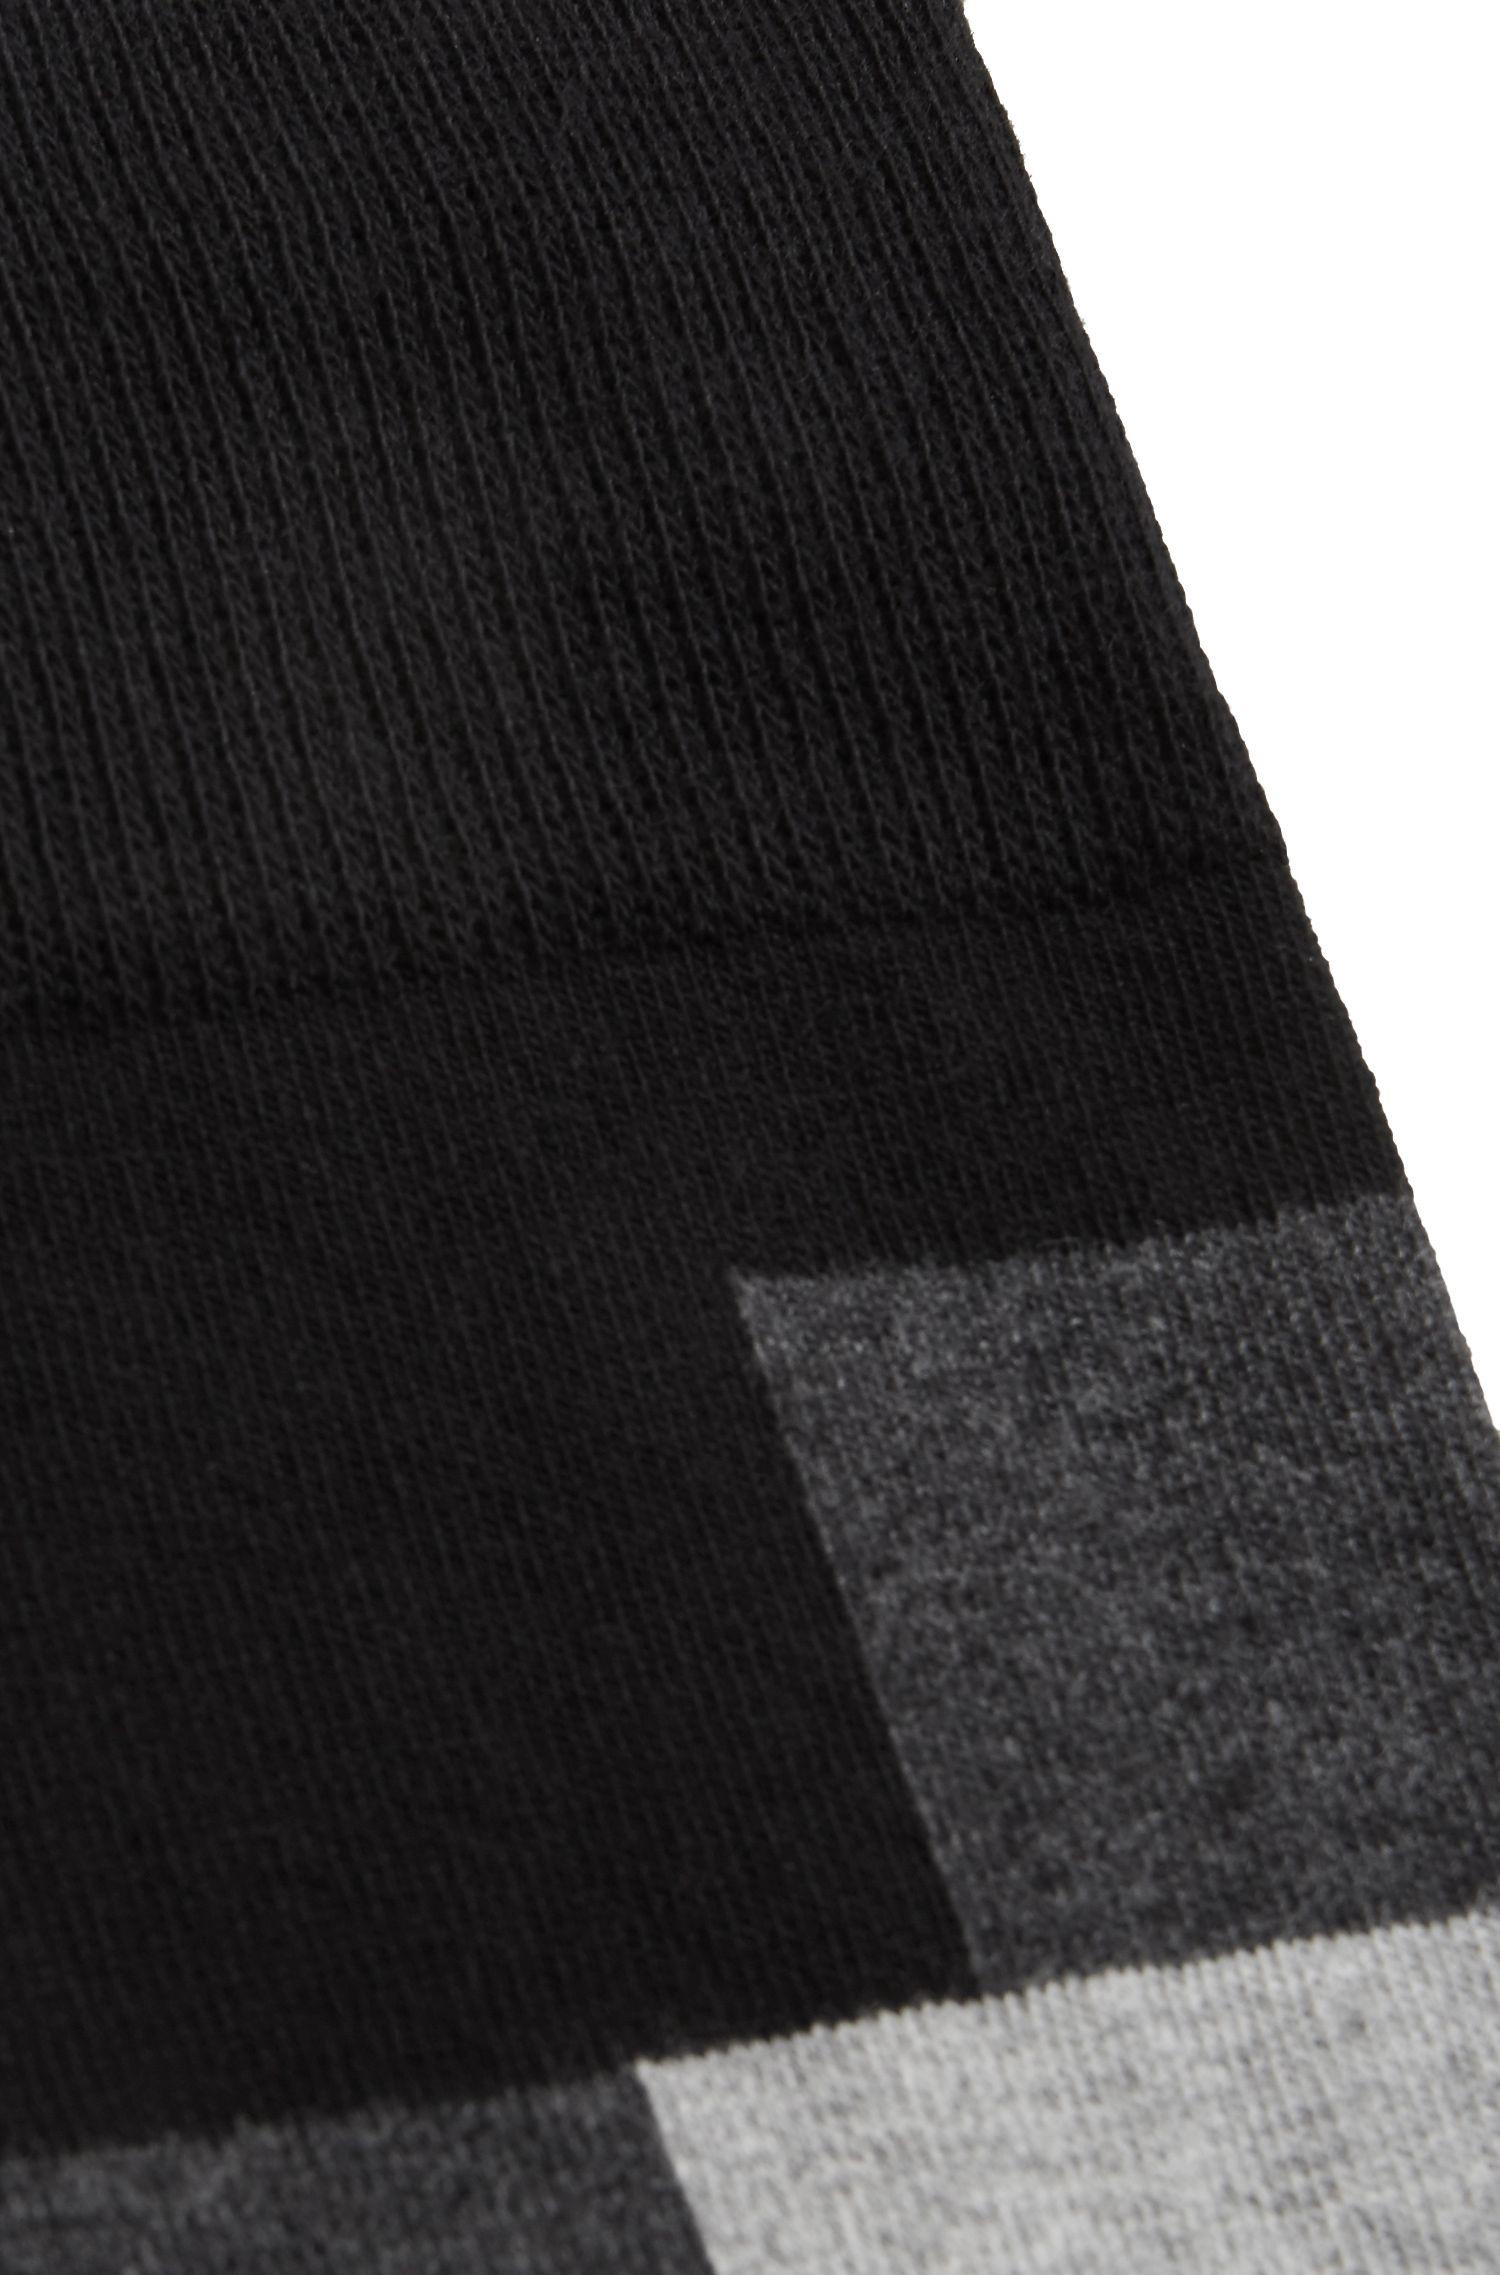 Chaussettes modernes à carreaux, en coton peigné mélangé